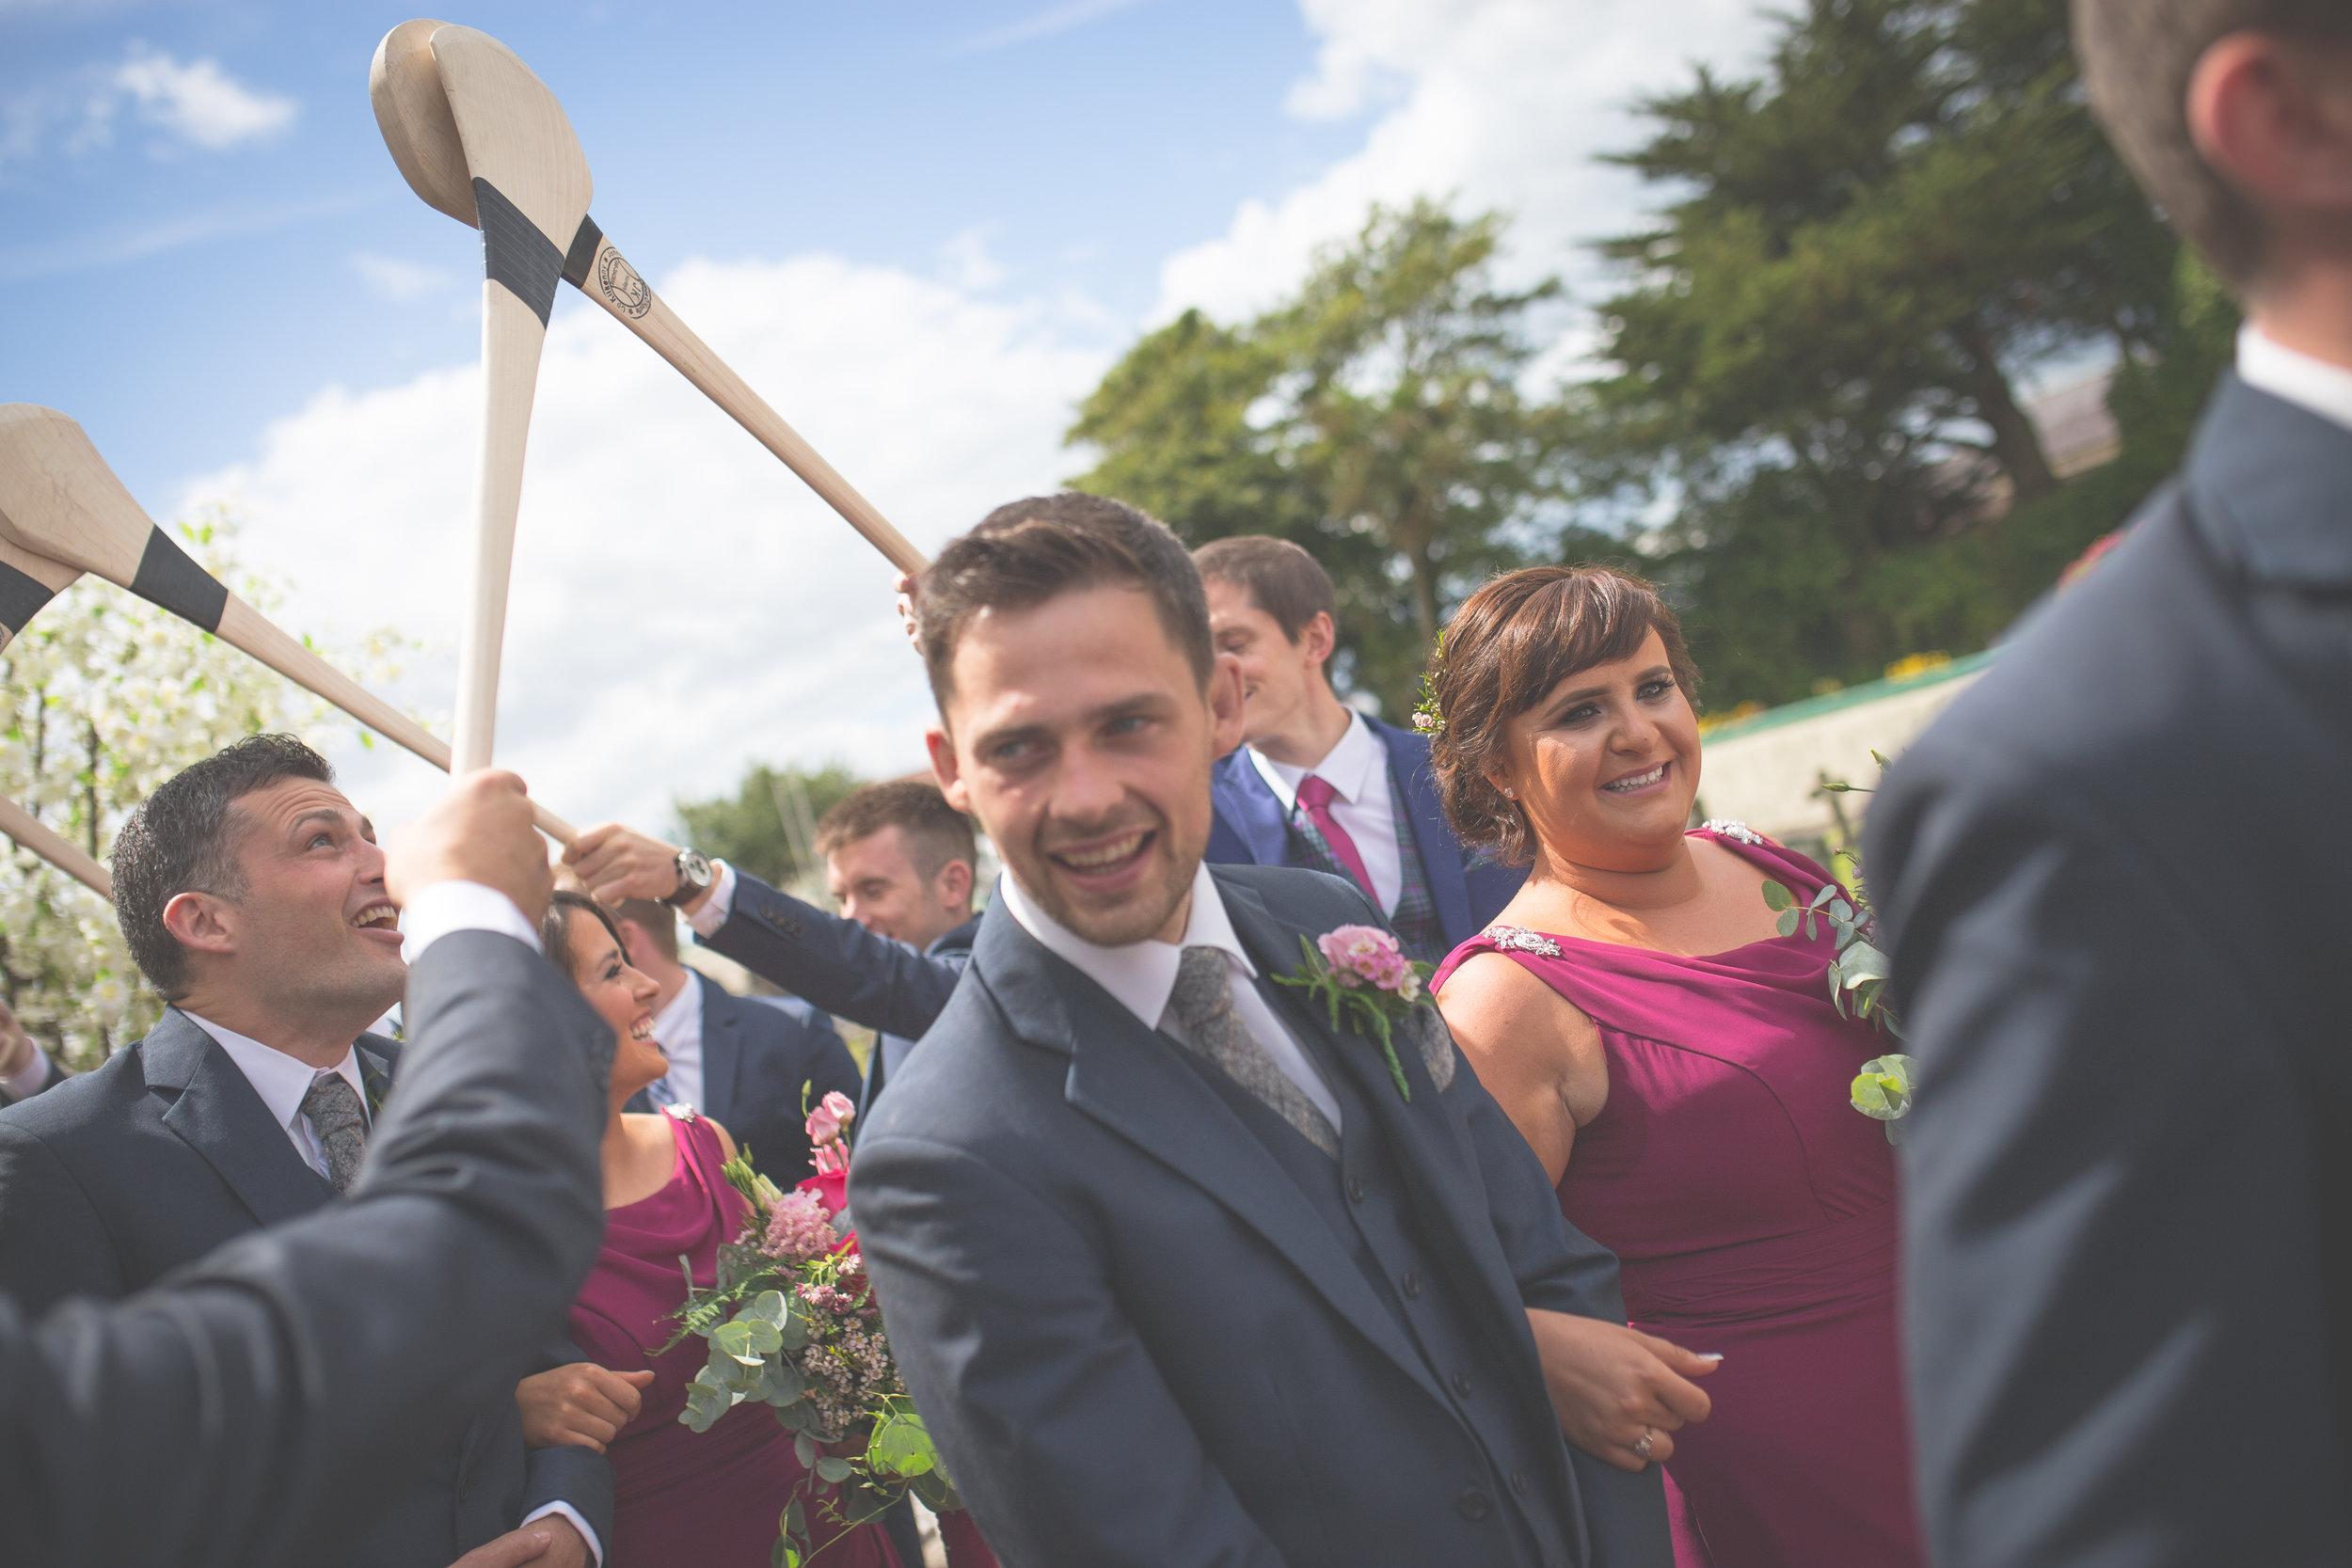 Brian McEwan Wedding Photography   Carol-Anne & Sean   The Ceremony-97.jpg